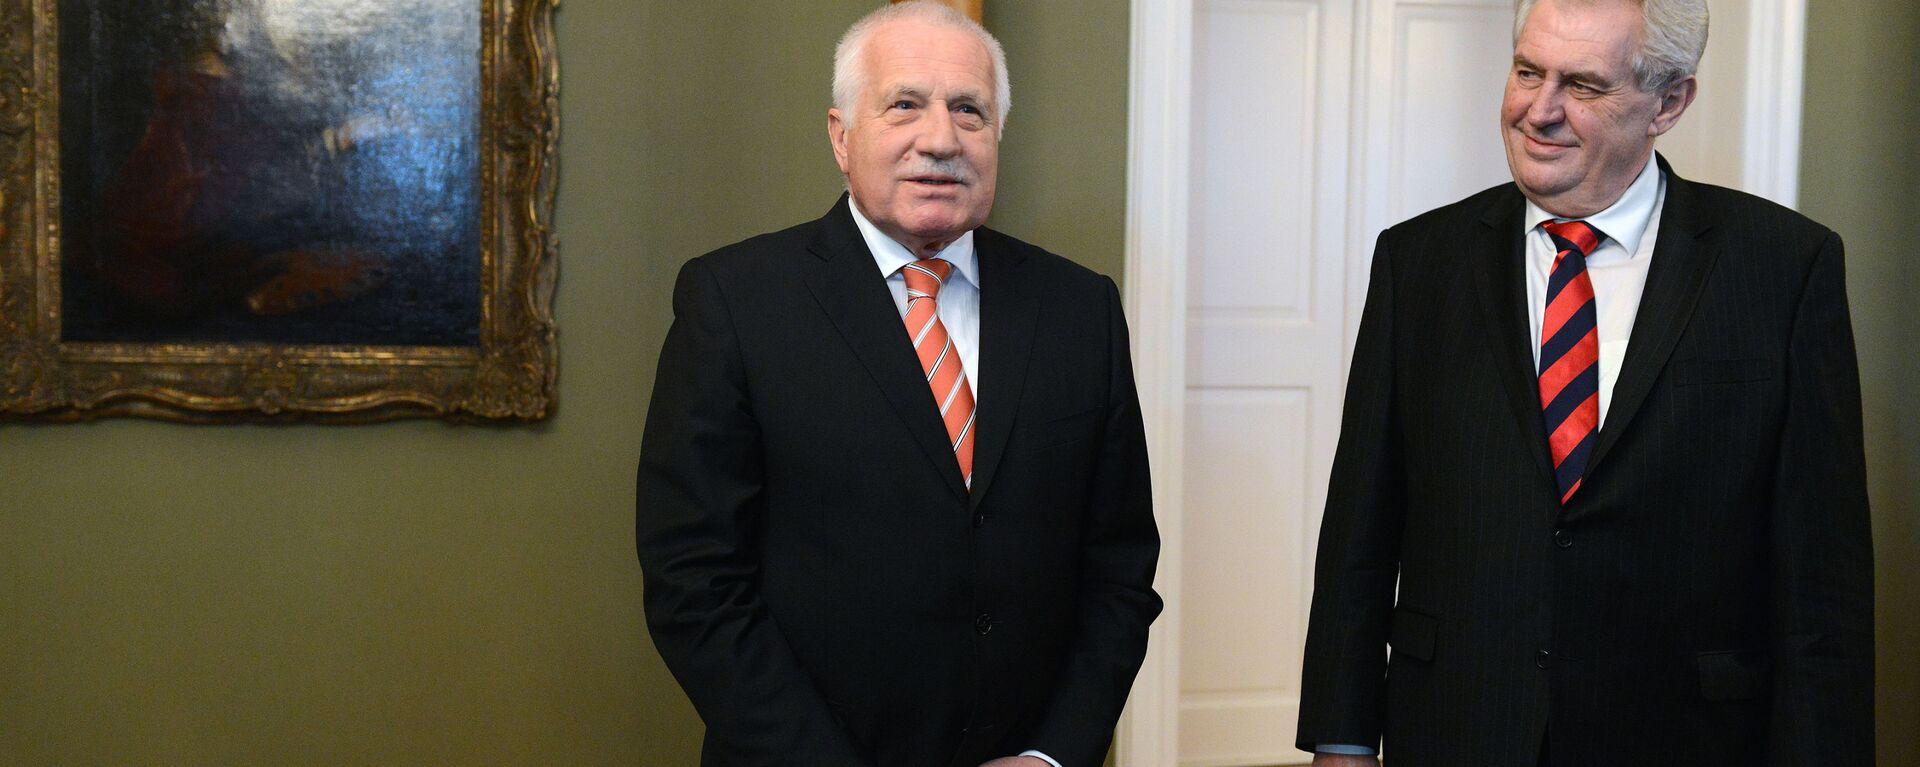 Бывший президент Чехии Вацлав Клаус и нынешний президент Чехии Милош Земан - Sputnik Česká republika, 1920, 18.06.2021